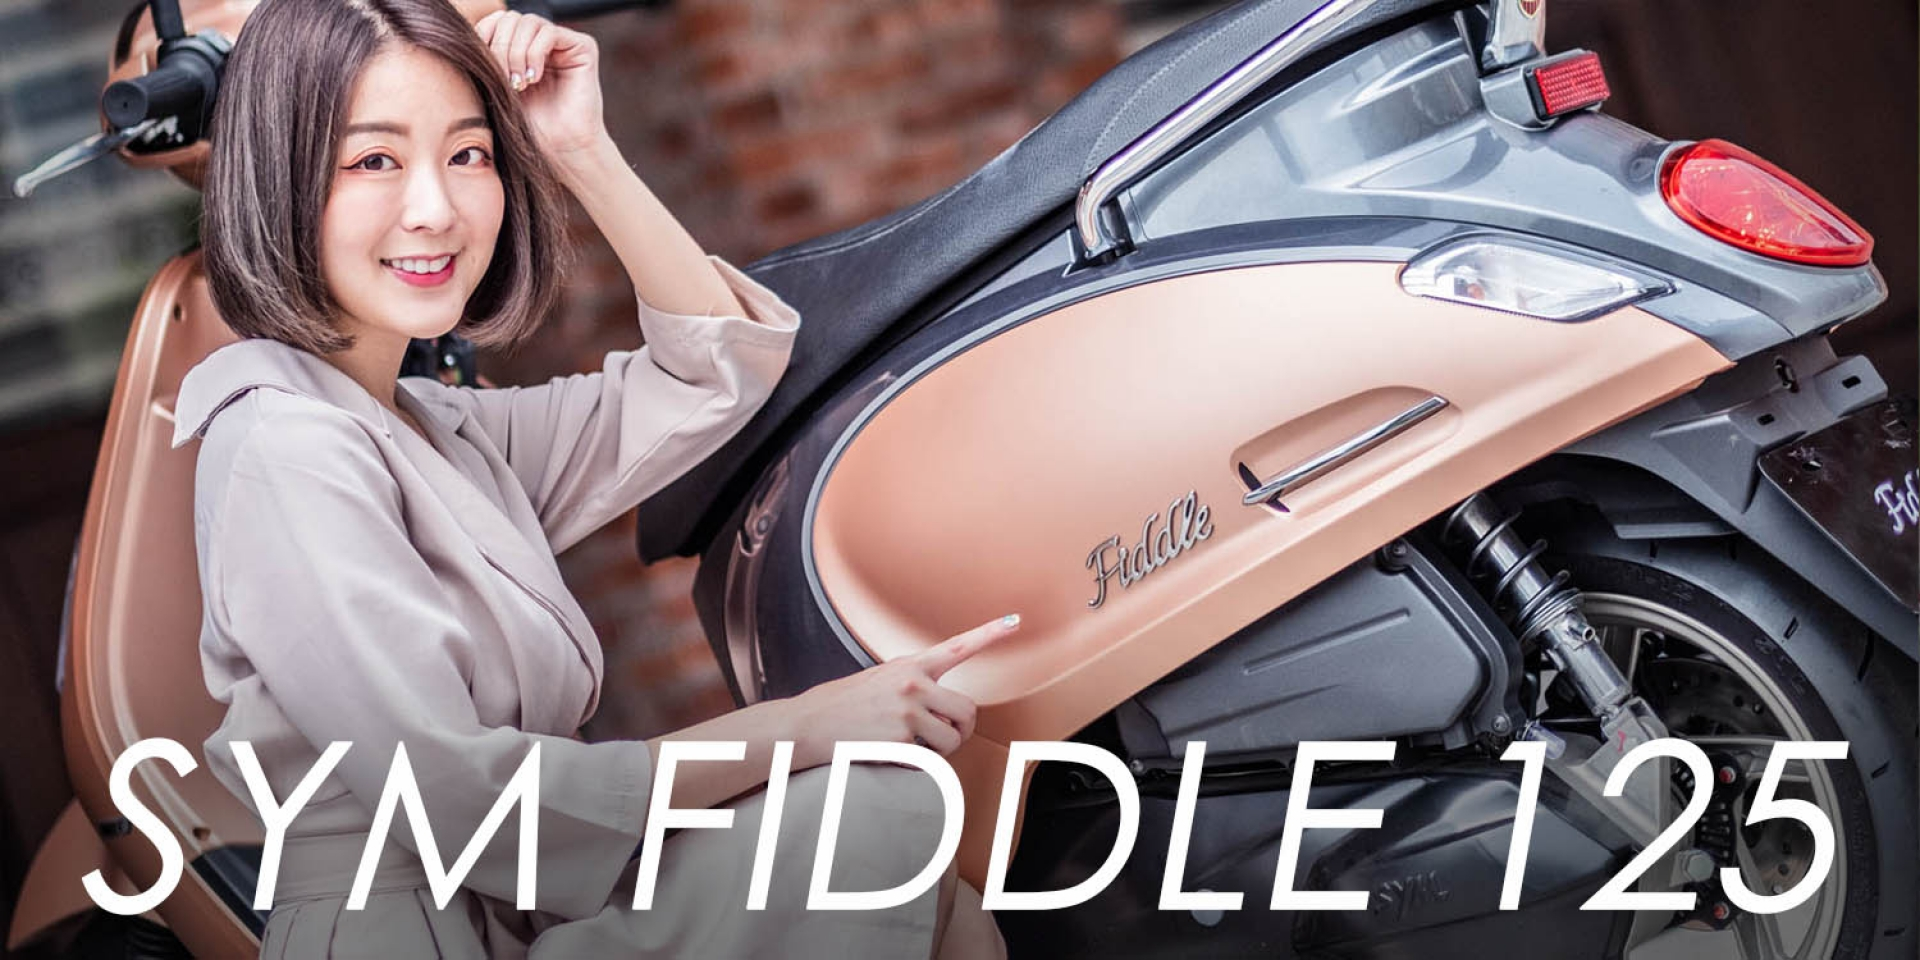 跟你想的不一樣 好料滿載都會美車!SYM Fiddle 125